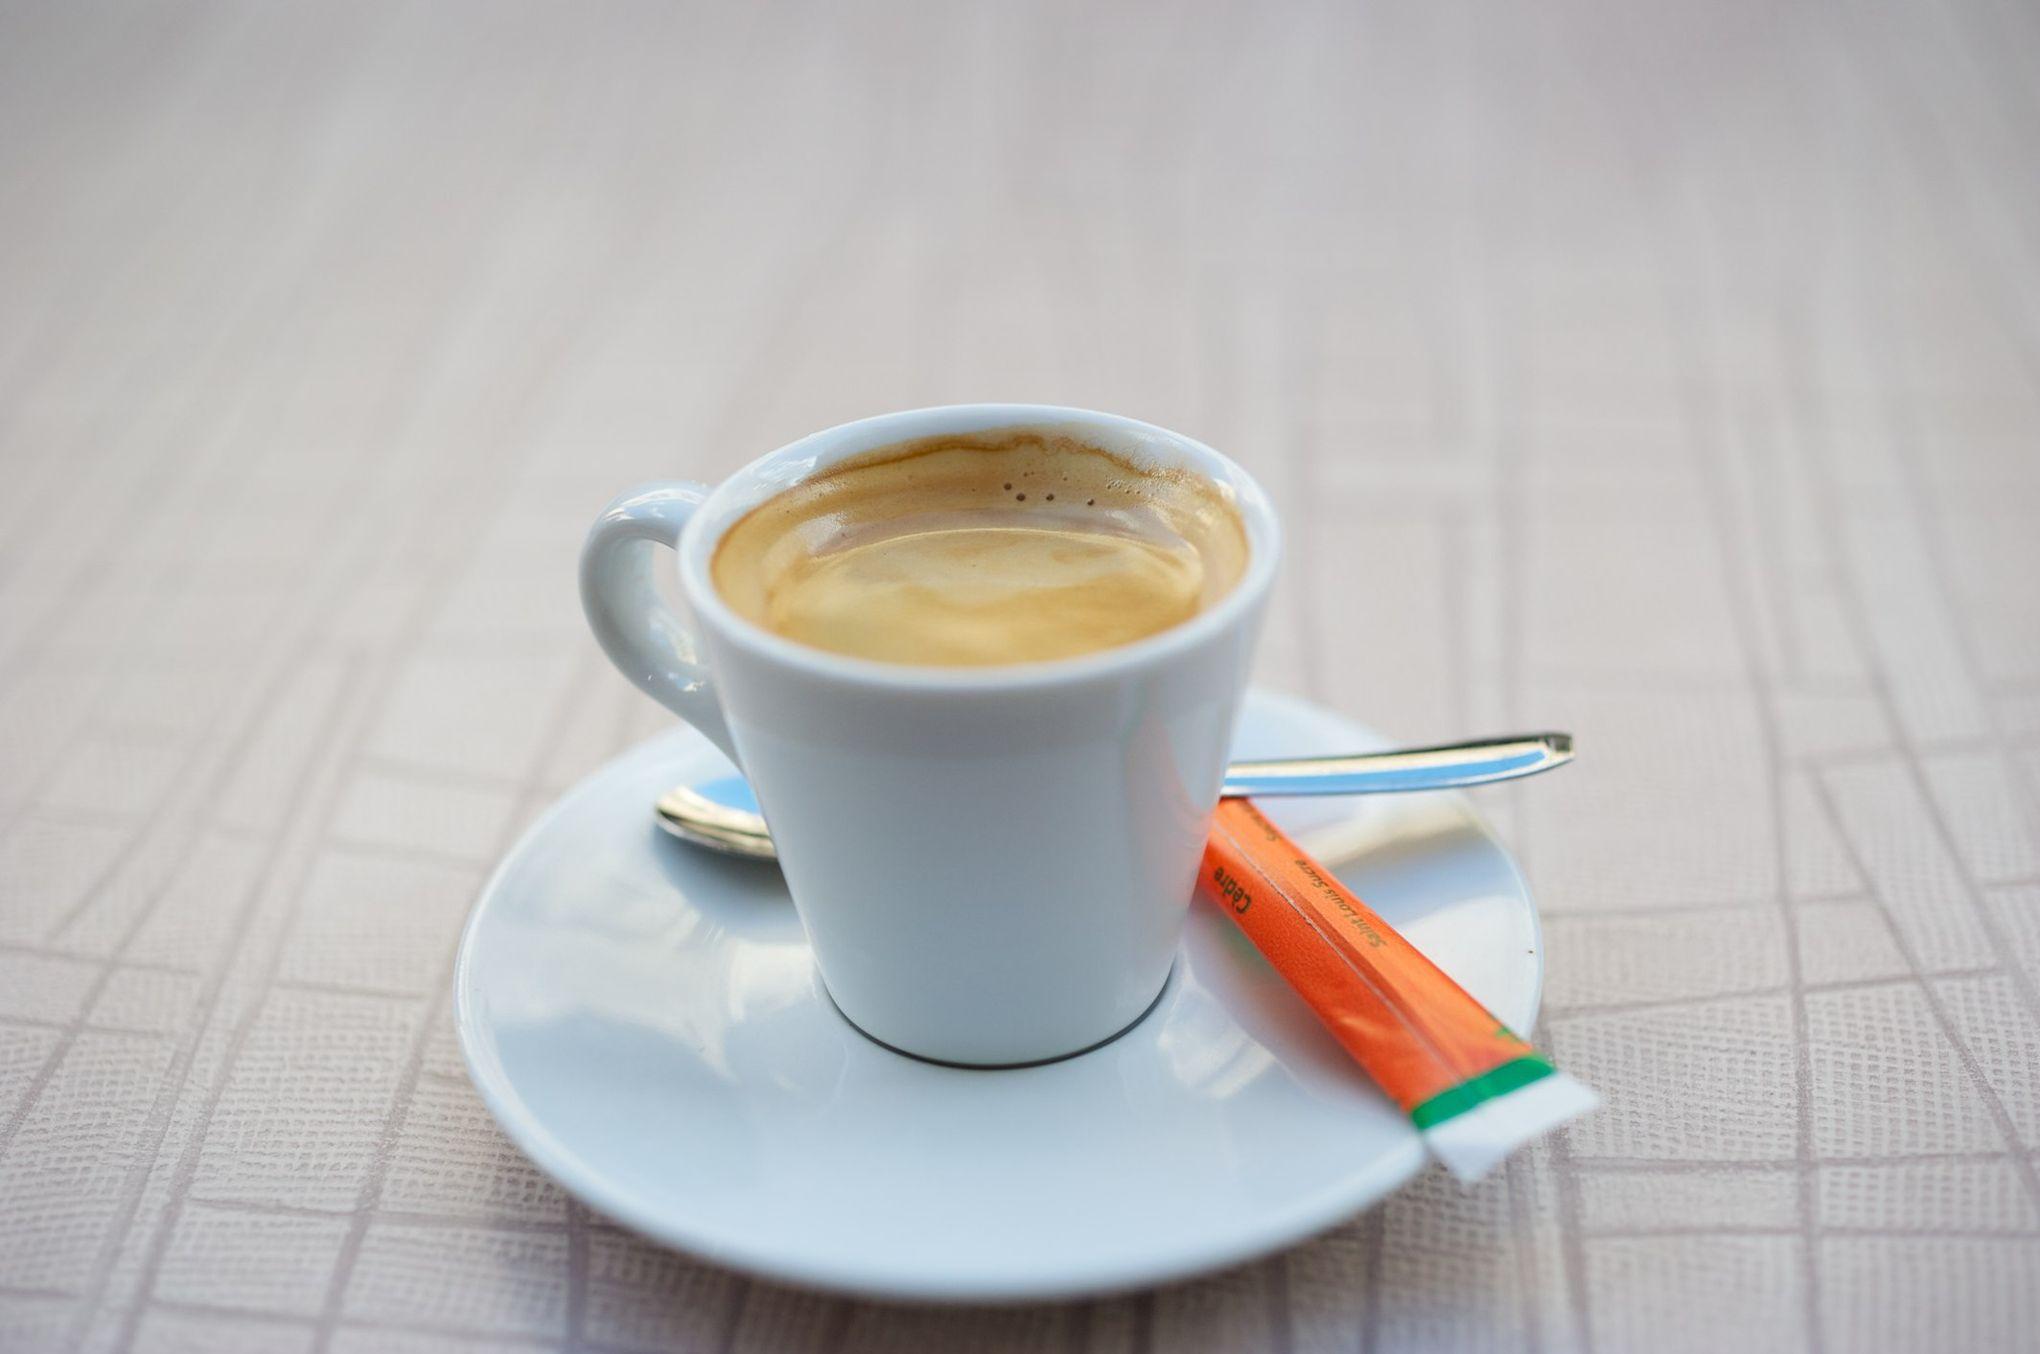 combien de temps devez vous travailler pour vous payer un caf une t l ou une voiture. Black Bedroom Furniture Sets. Home Design Ideas